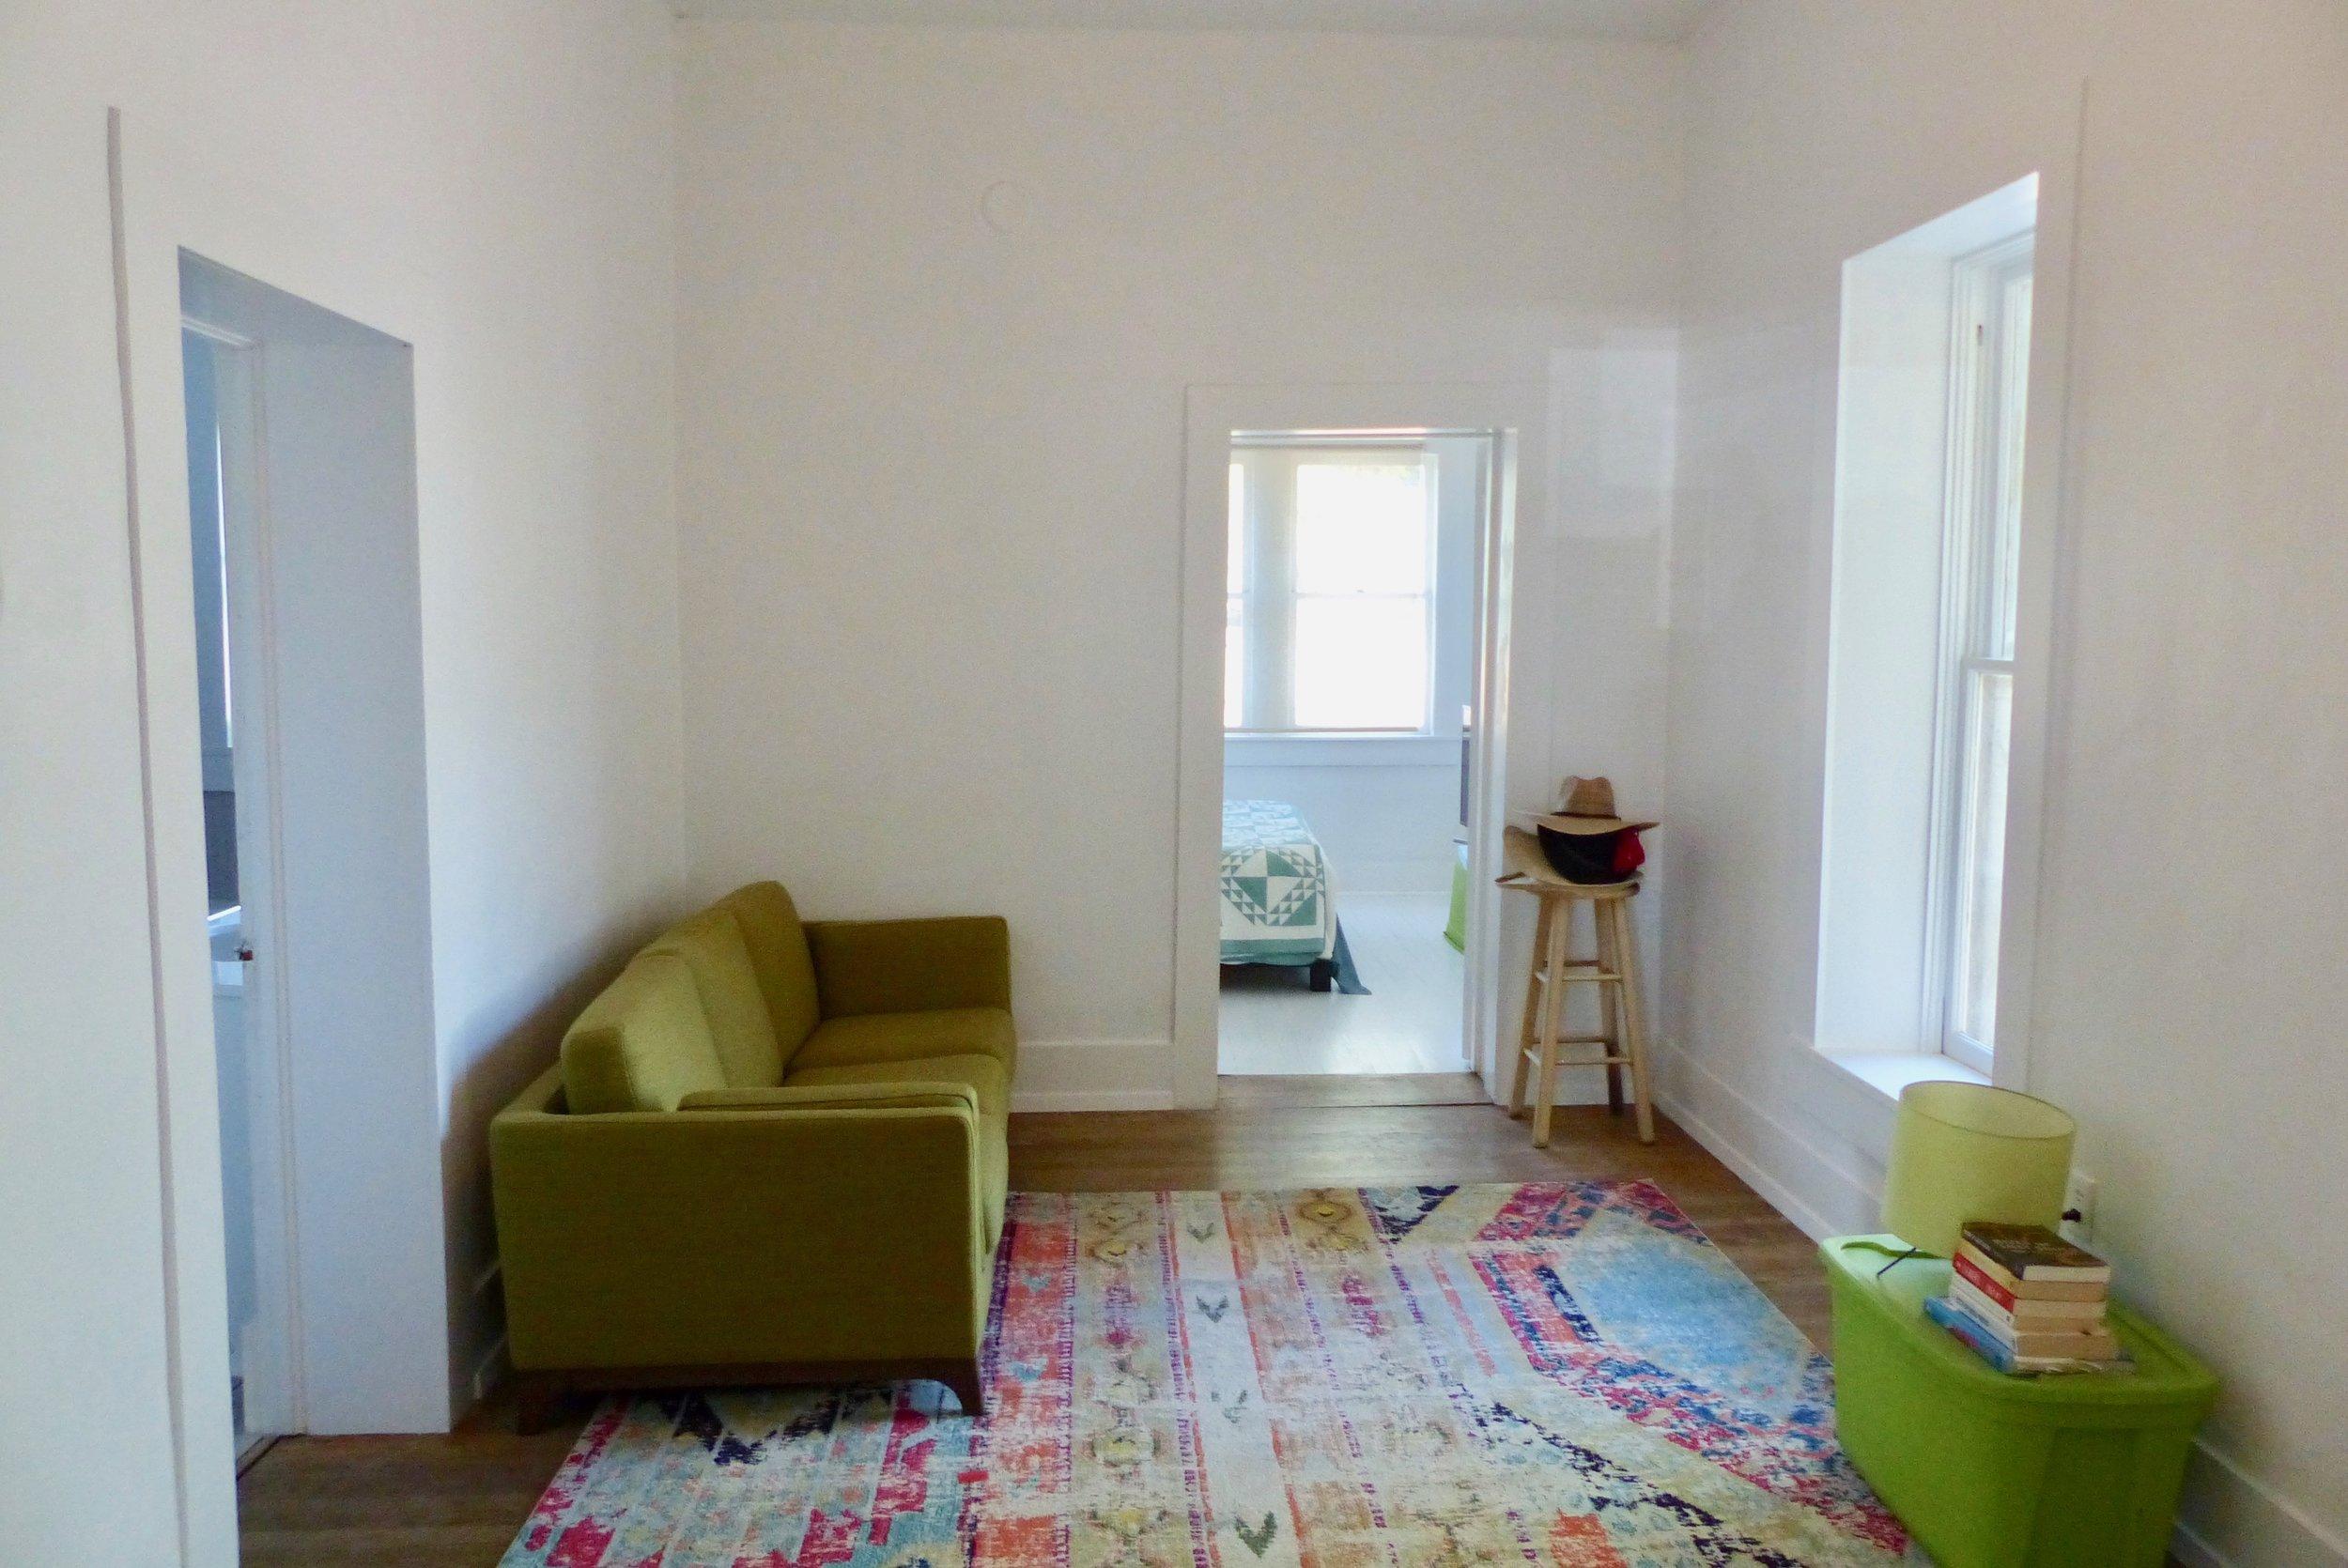 Sittingroom:bedroom.jpg